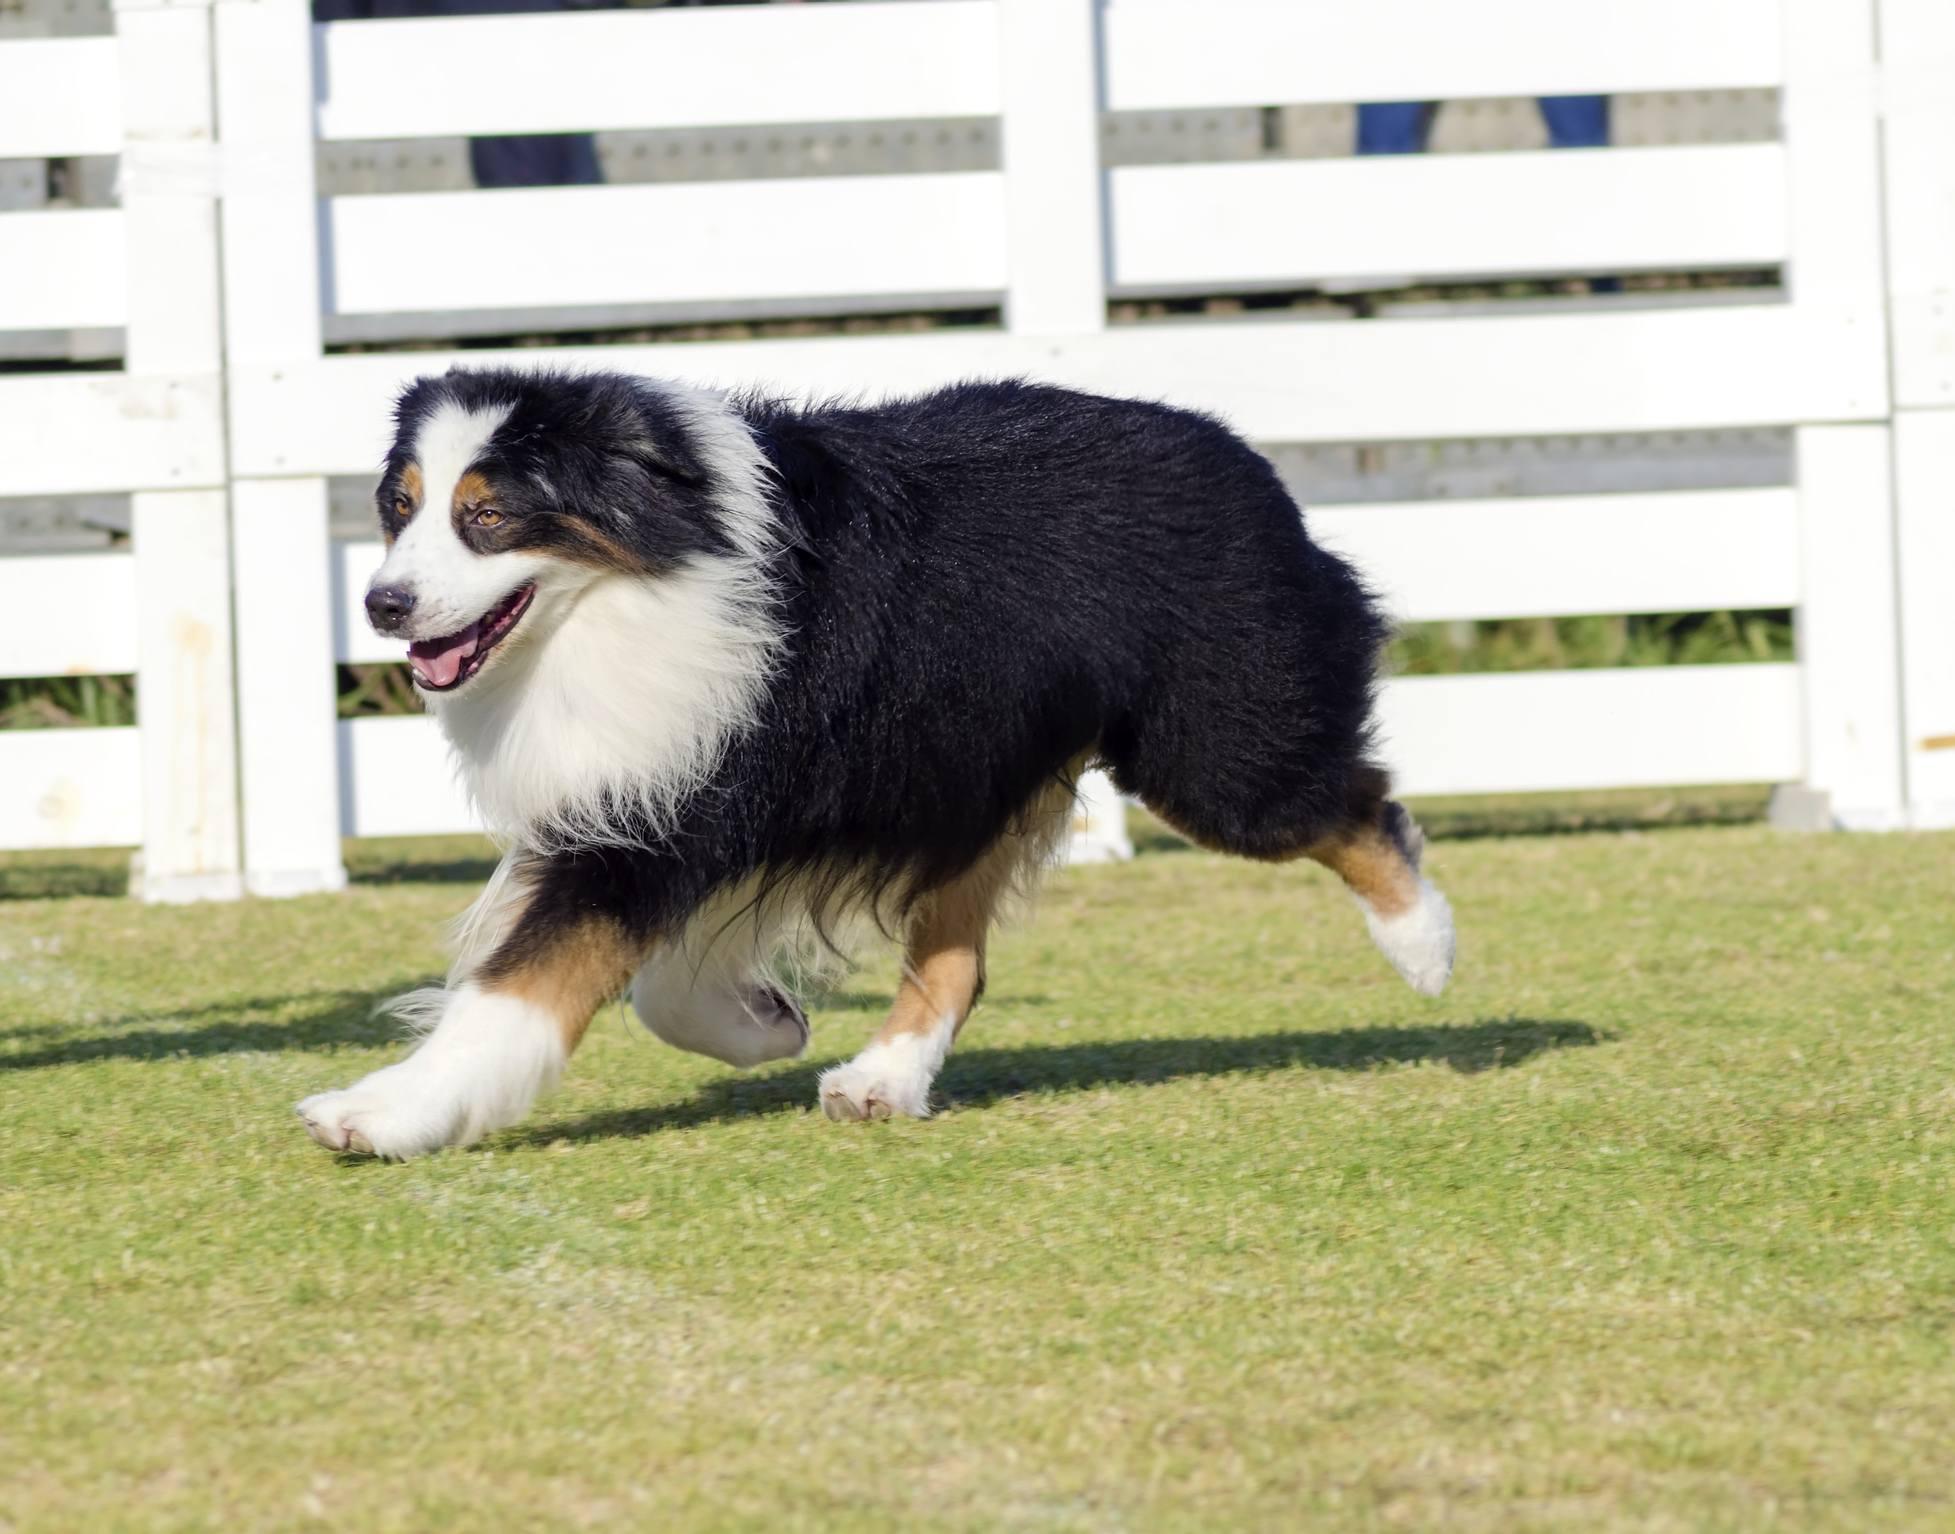 English Shepherd dog